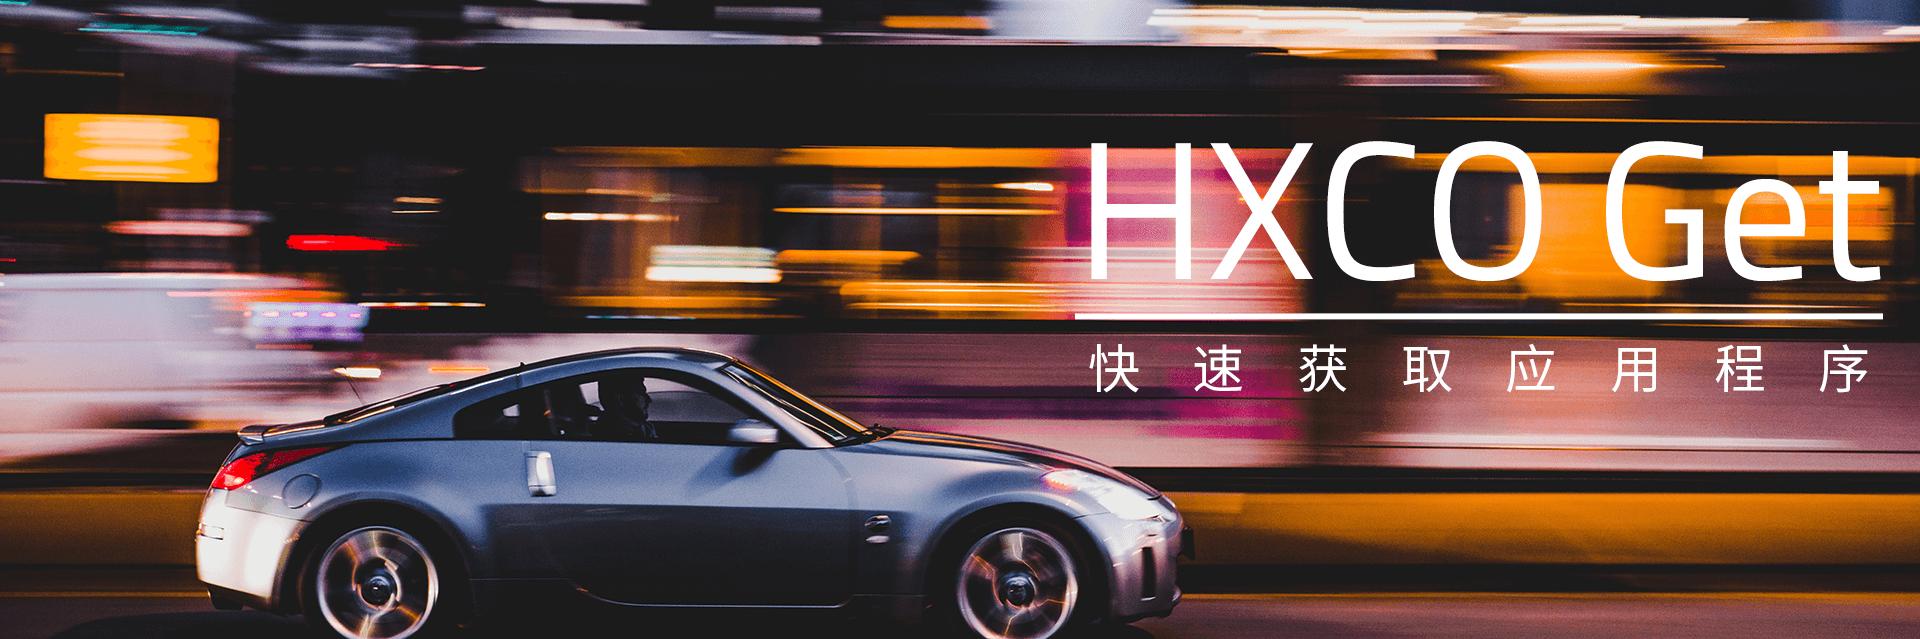 HXCO Get